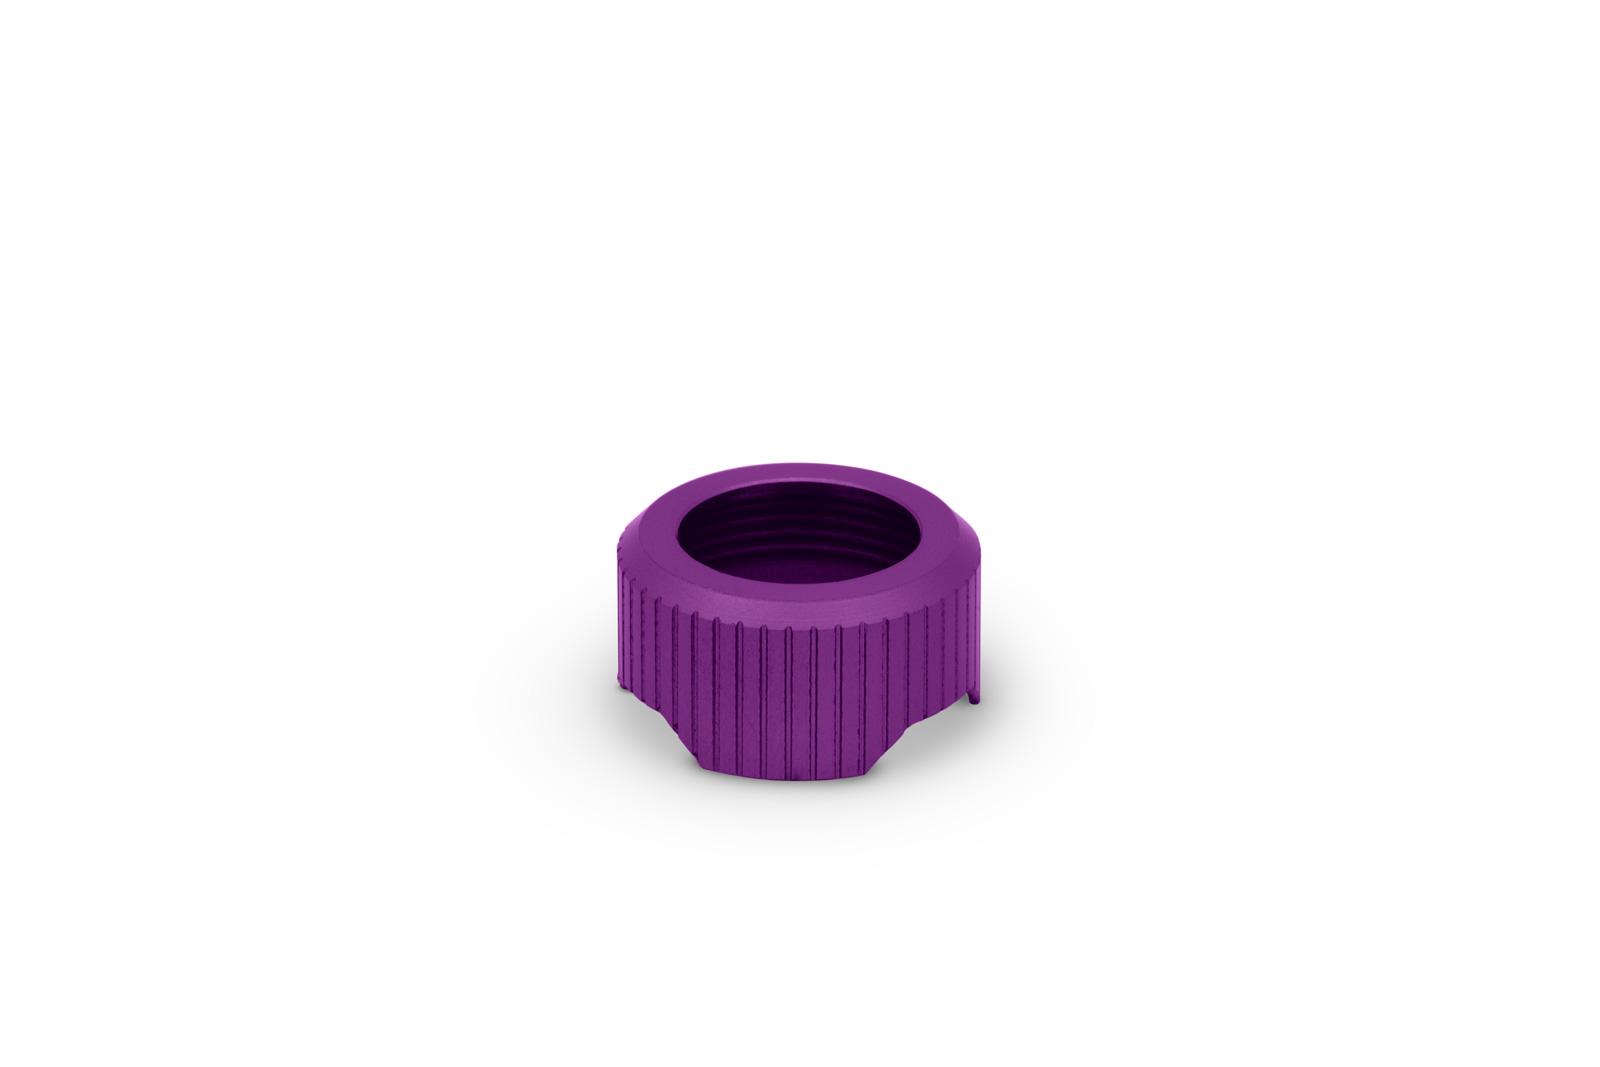 EK-Quantum_Torque_Compression_Ring_6-Pack_HDC_14-Purple_TOP